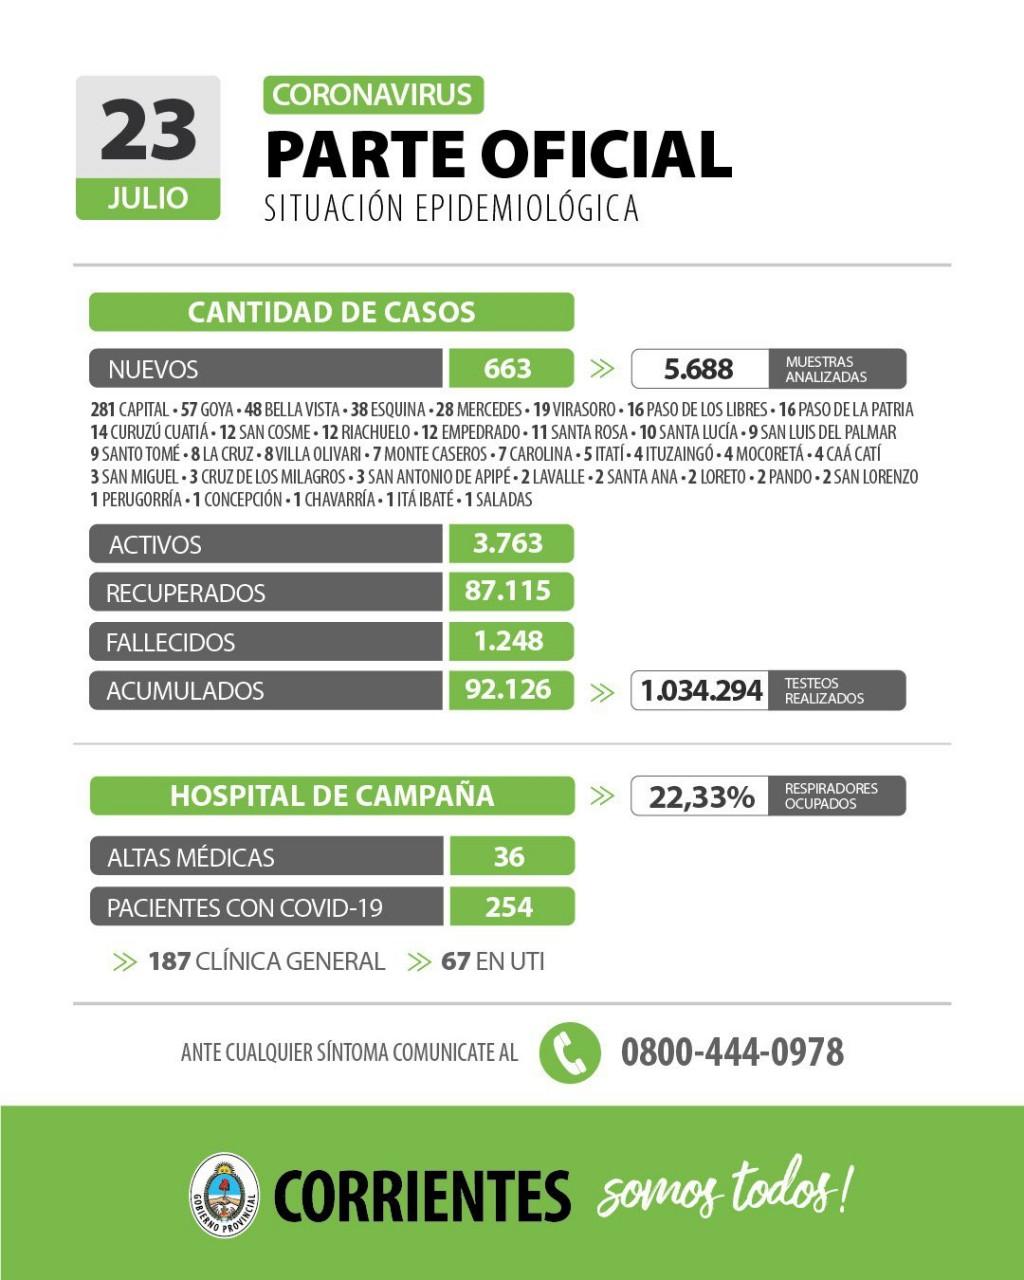 Informan de 663 nuevos casos de coronavirus en Corrientes